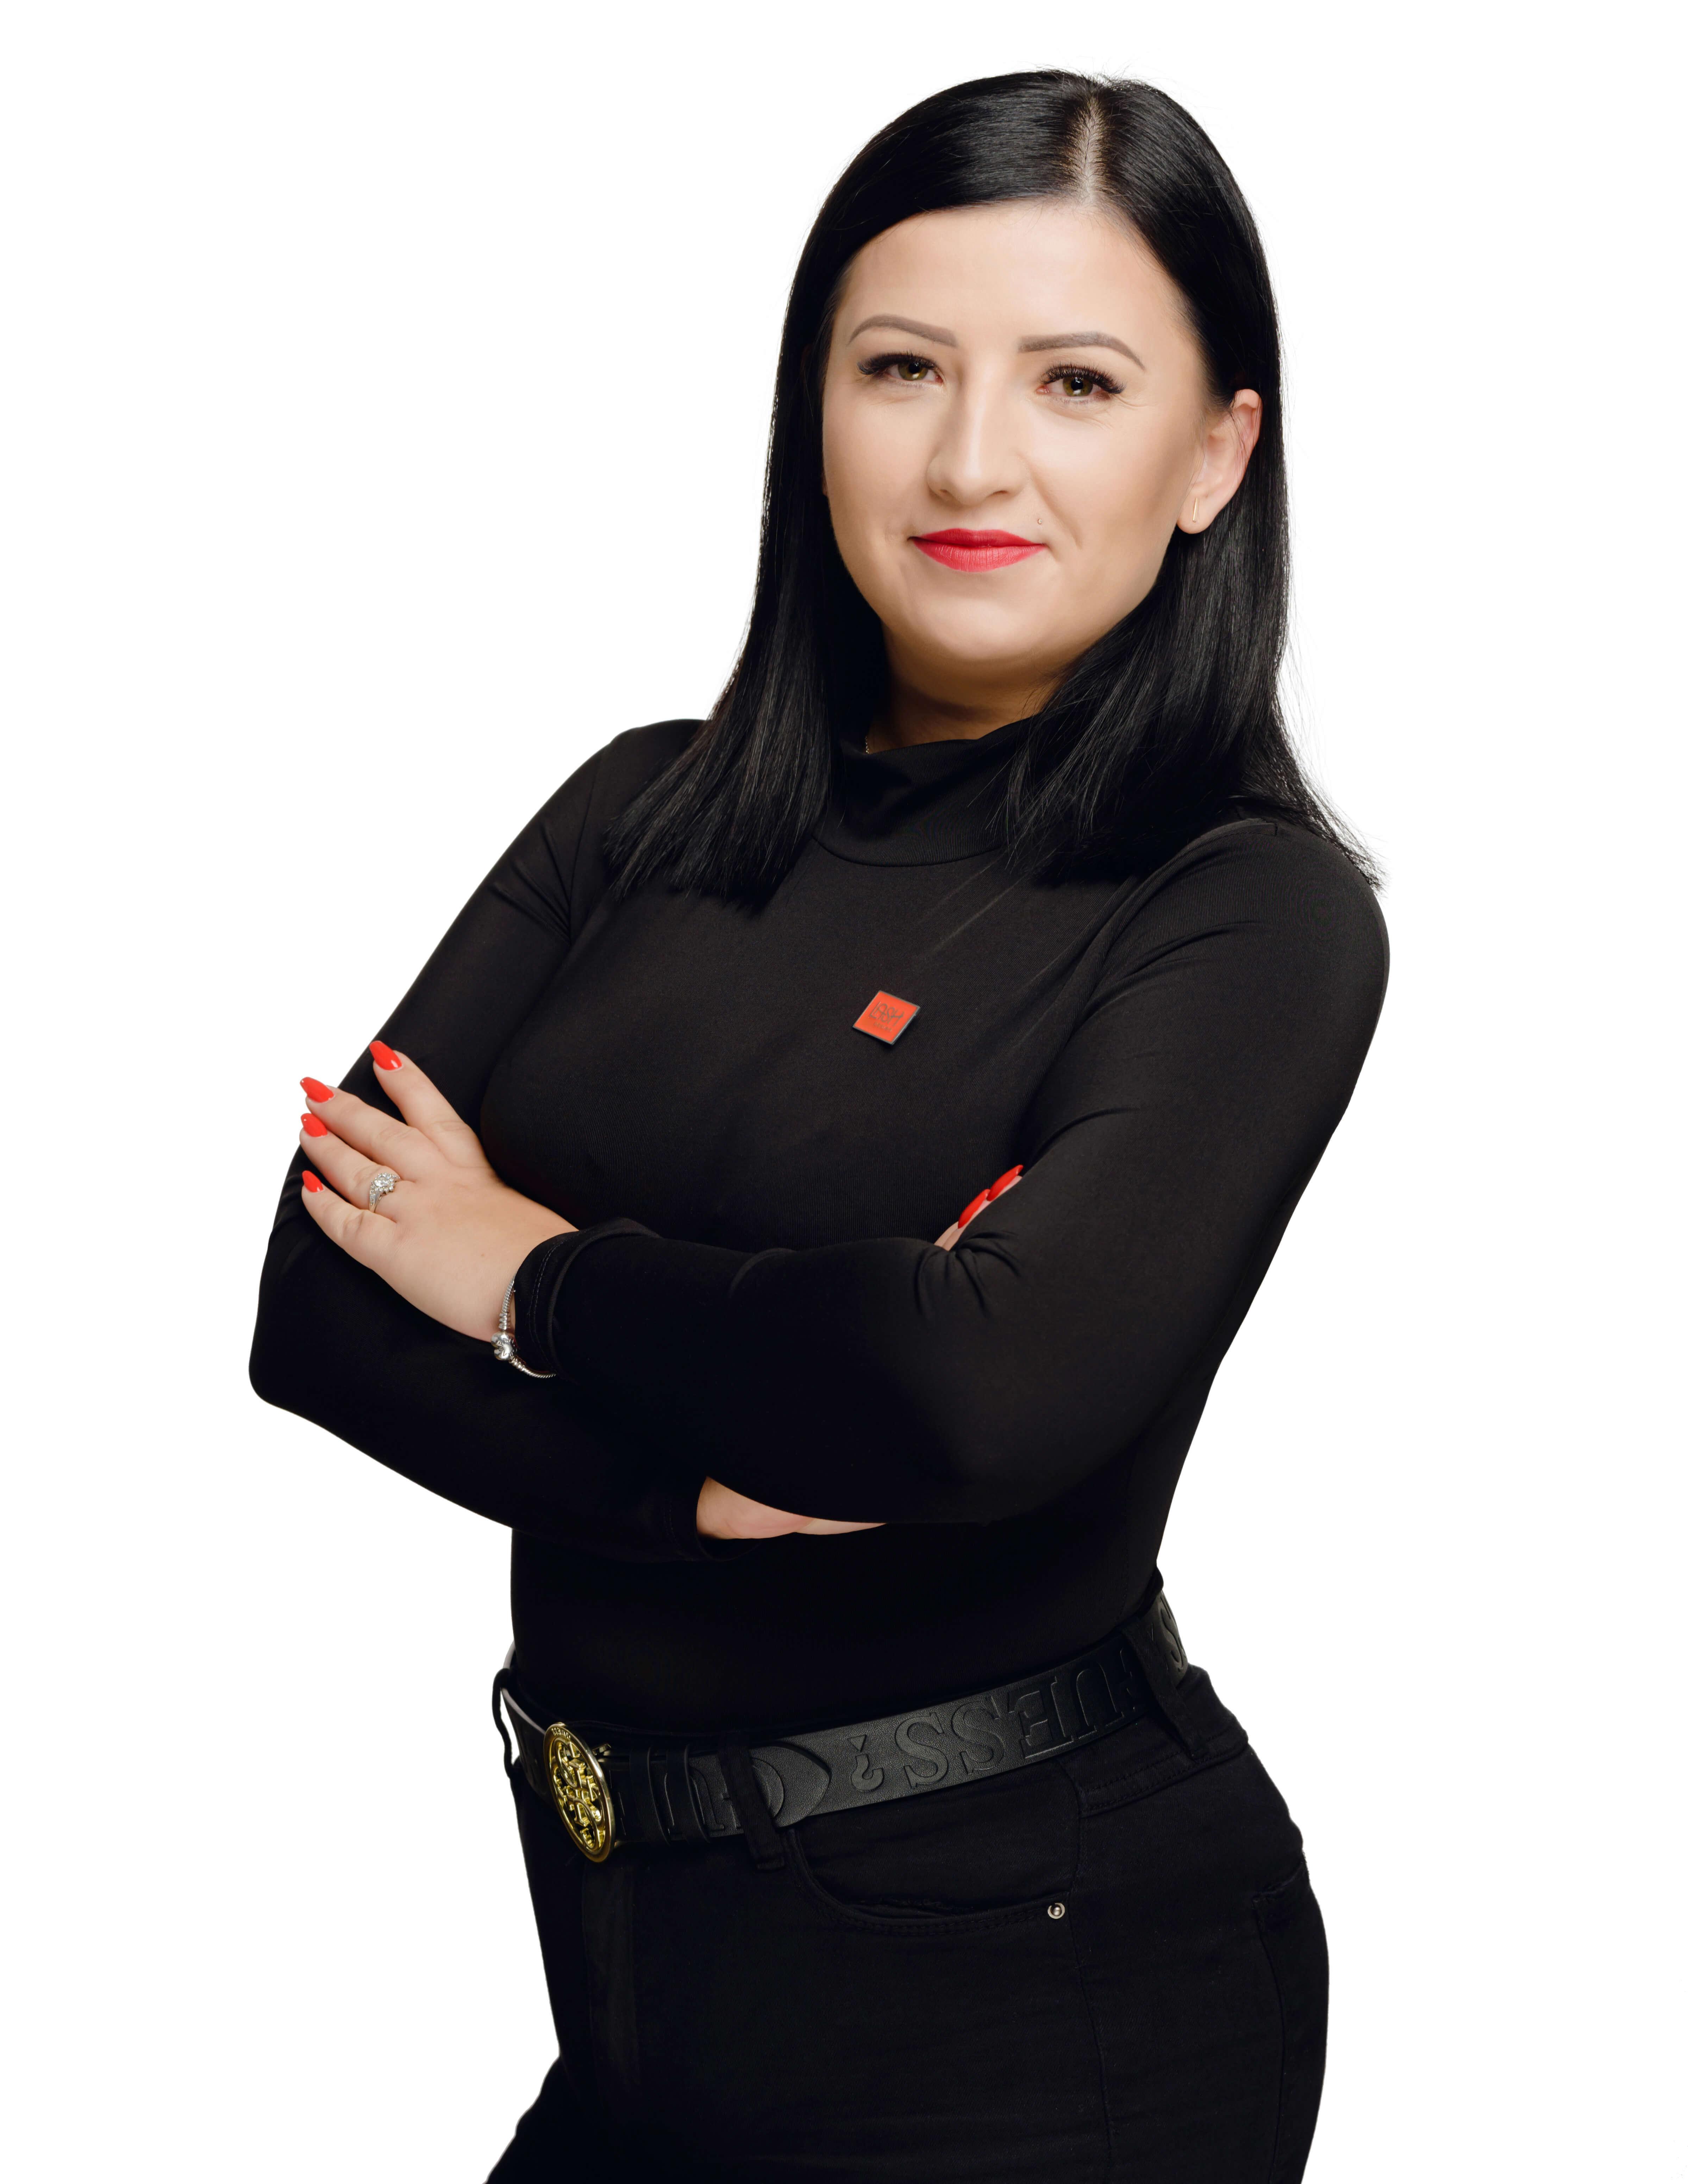 Sandra Jagiełło